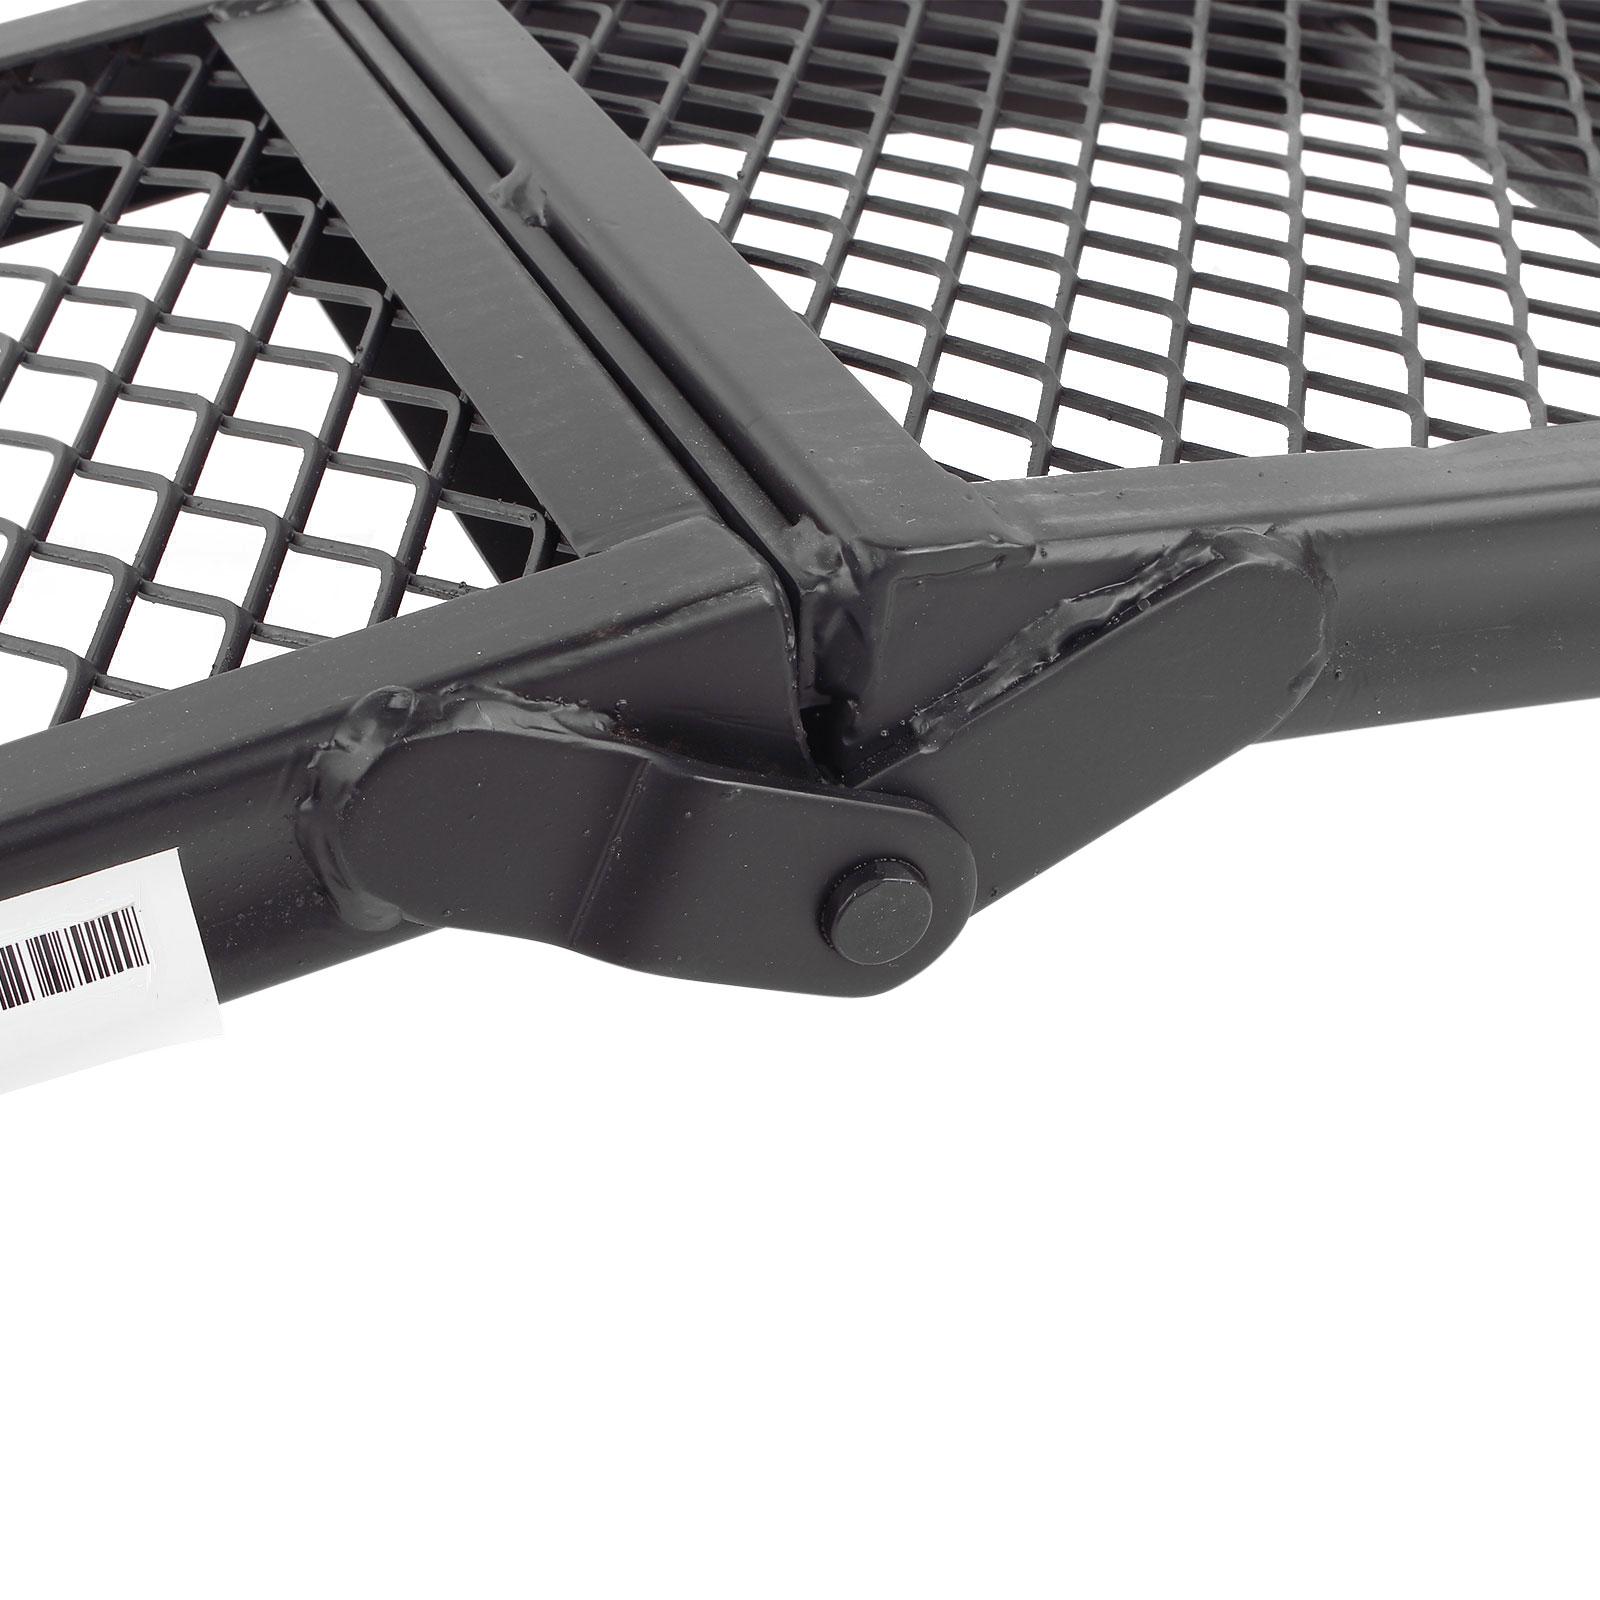 Motorrad Auffahrrampe Stahl klappbar 203 cm x 28 cm 340 Kg Tragegriff 🏍️